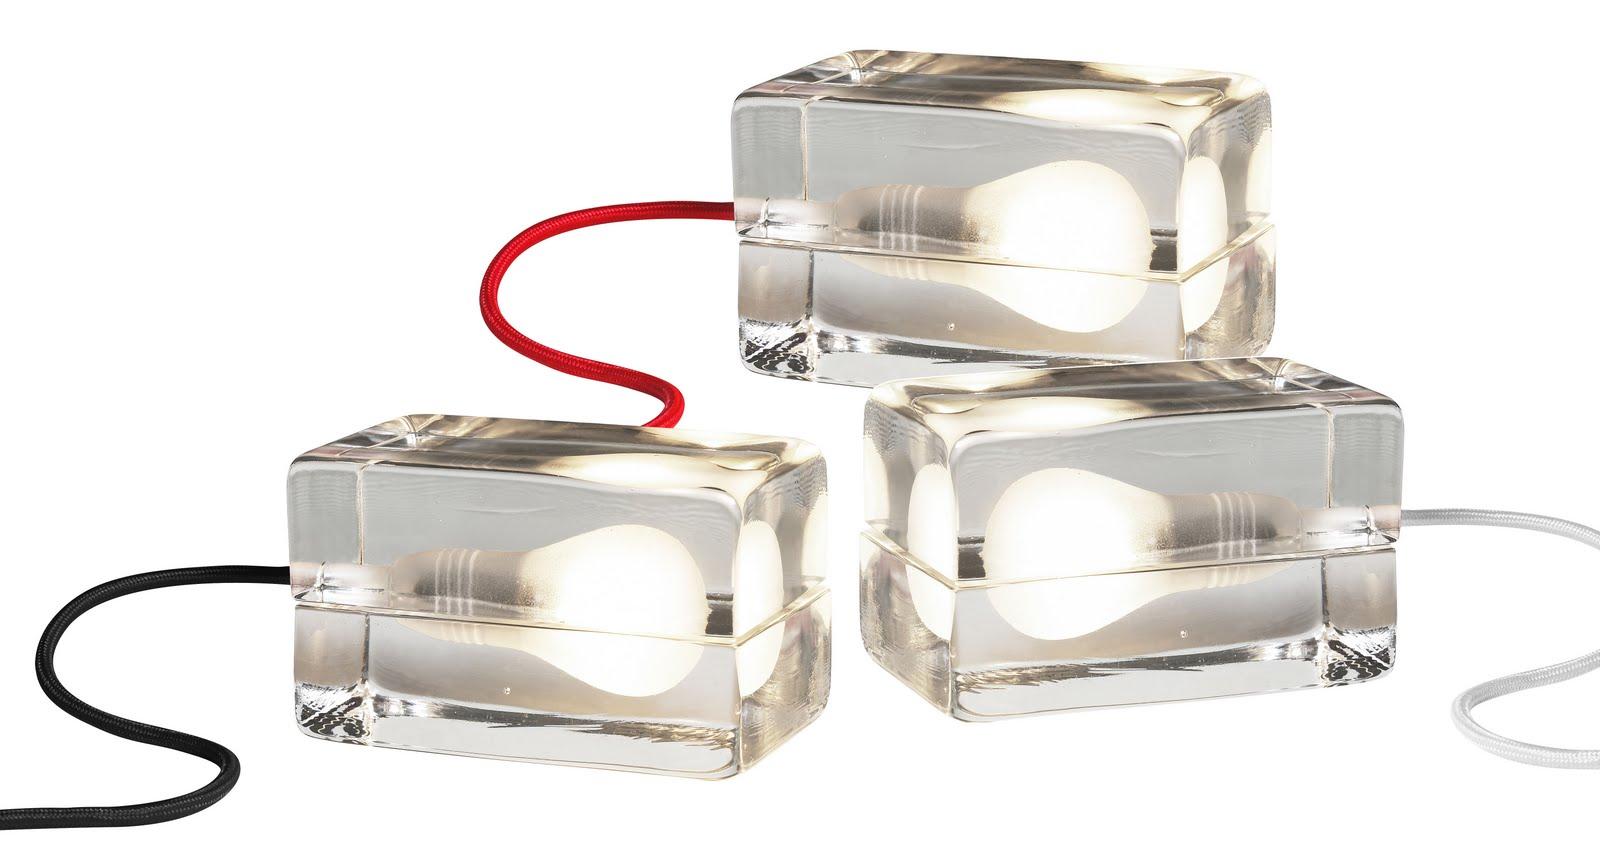 Relatively Glass Light Block Table Lamp | modern design by moderndesign.org ZM14